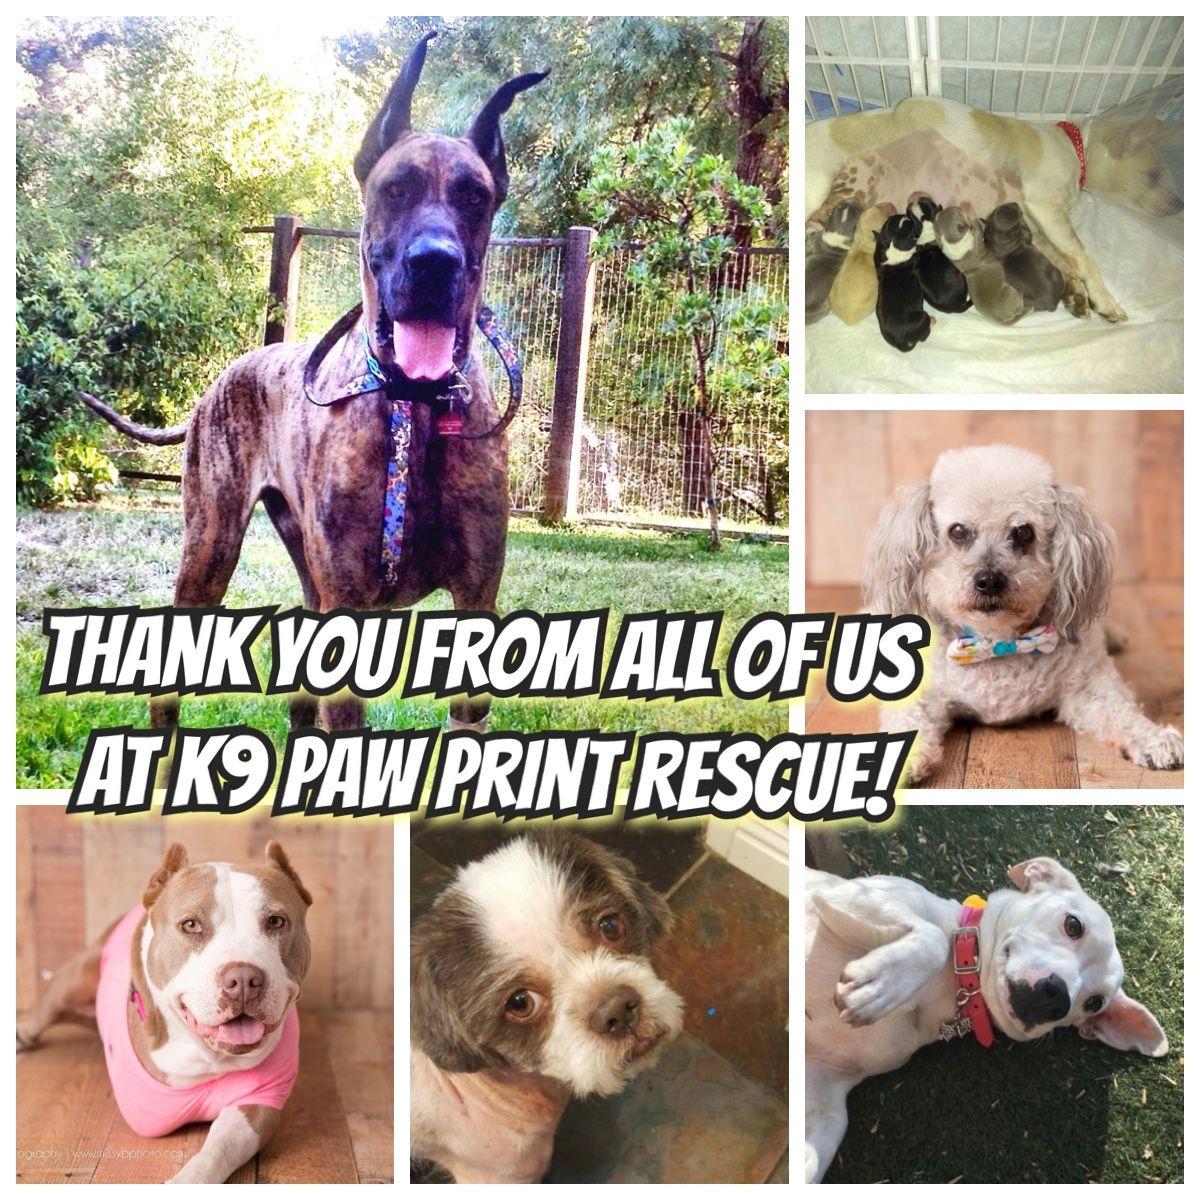 K9 Paw Print Rescue Bay Area California k9ppr dogrescue